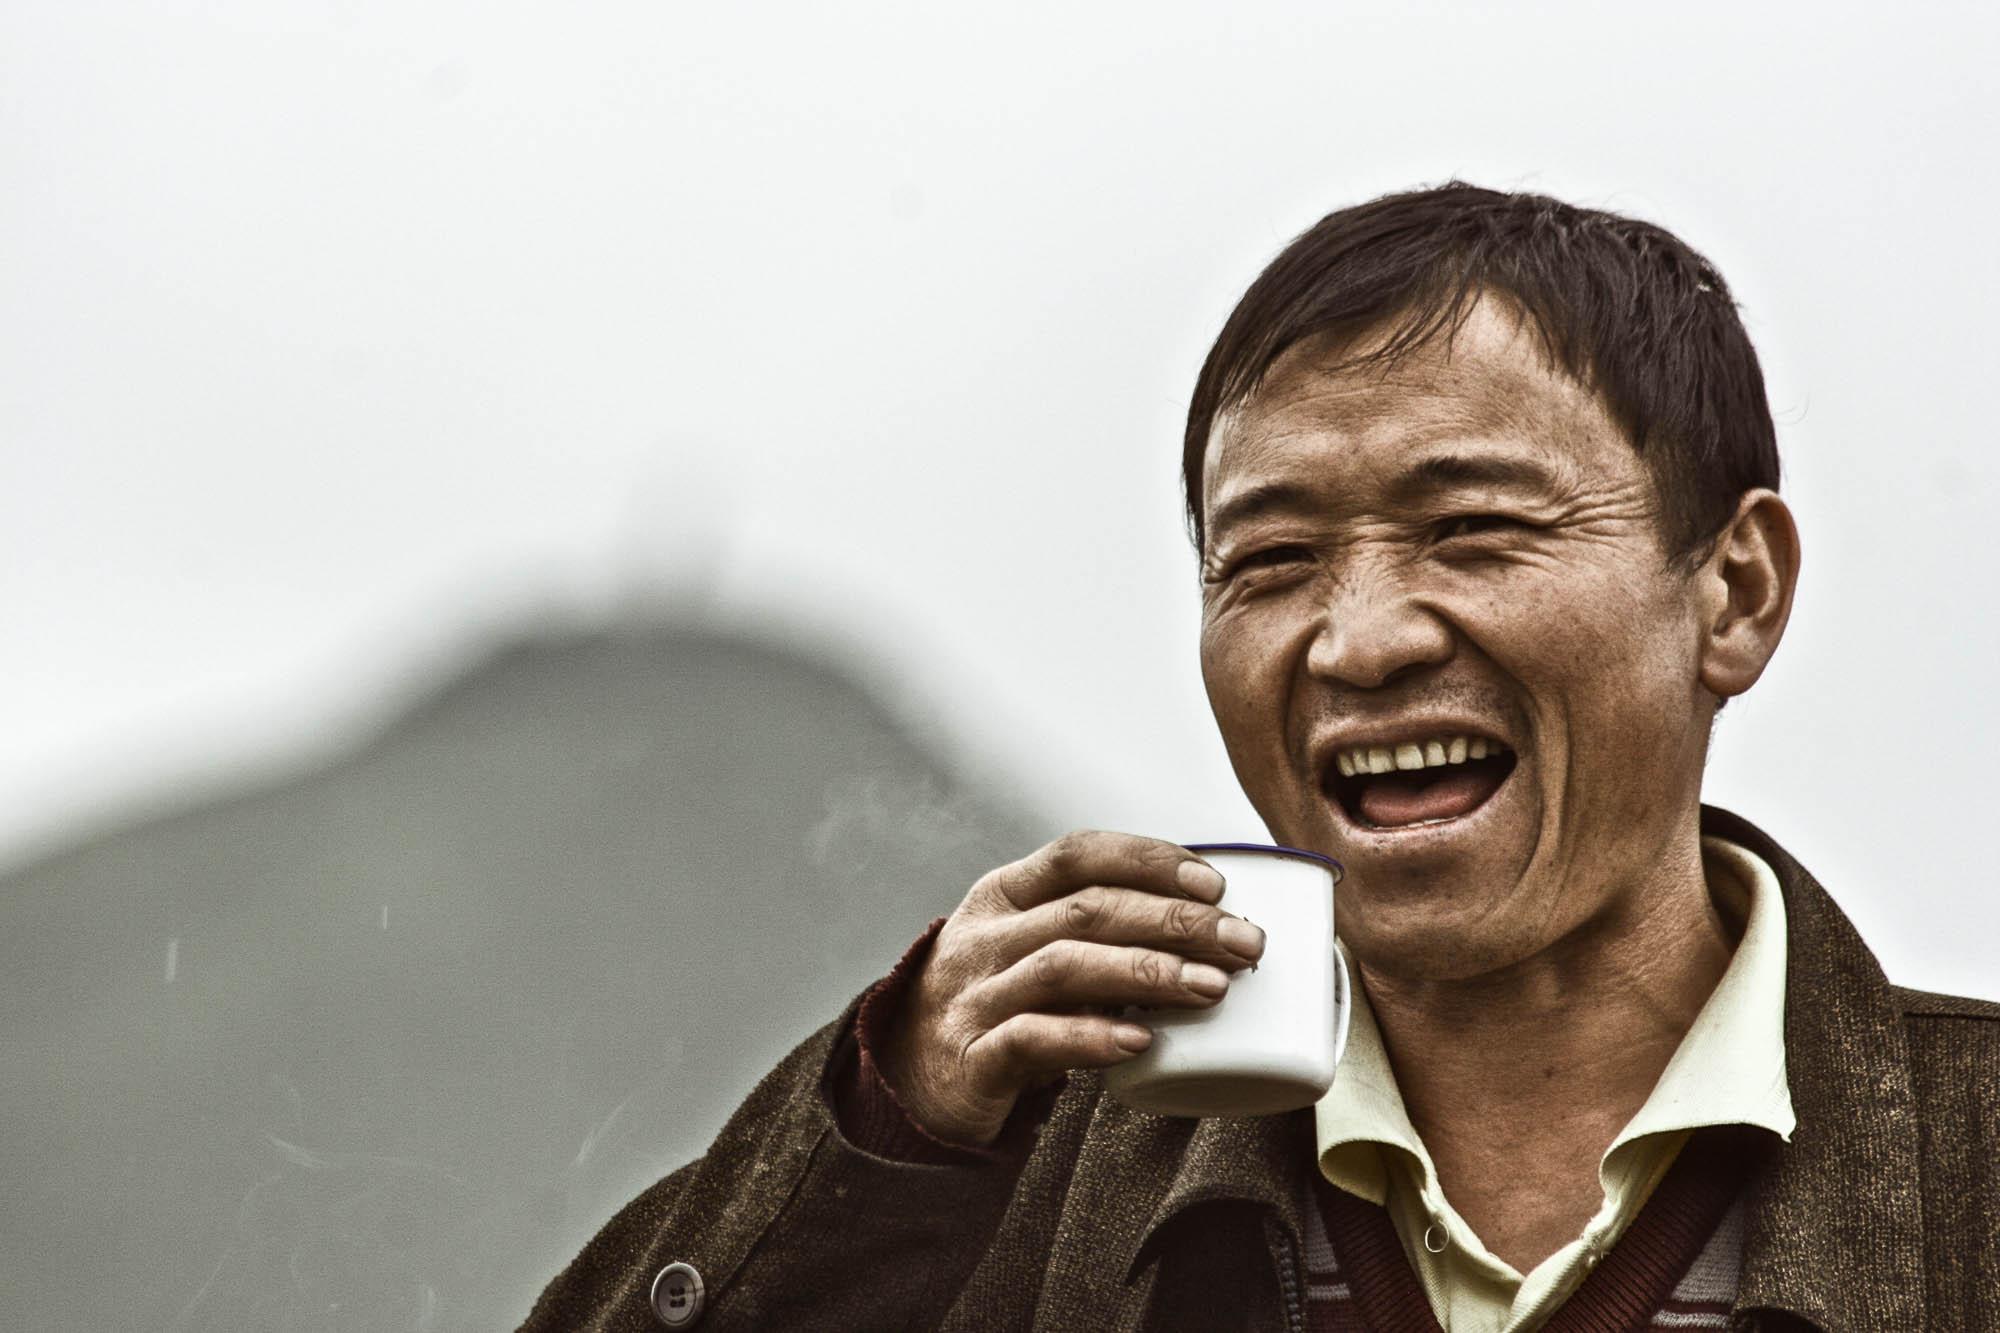 CHINA_2006_people_jusmedic - 15